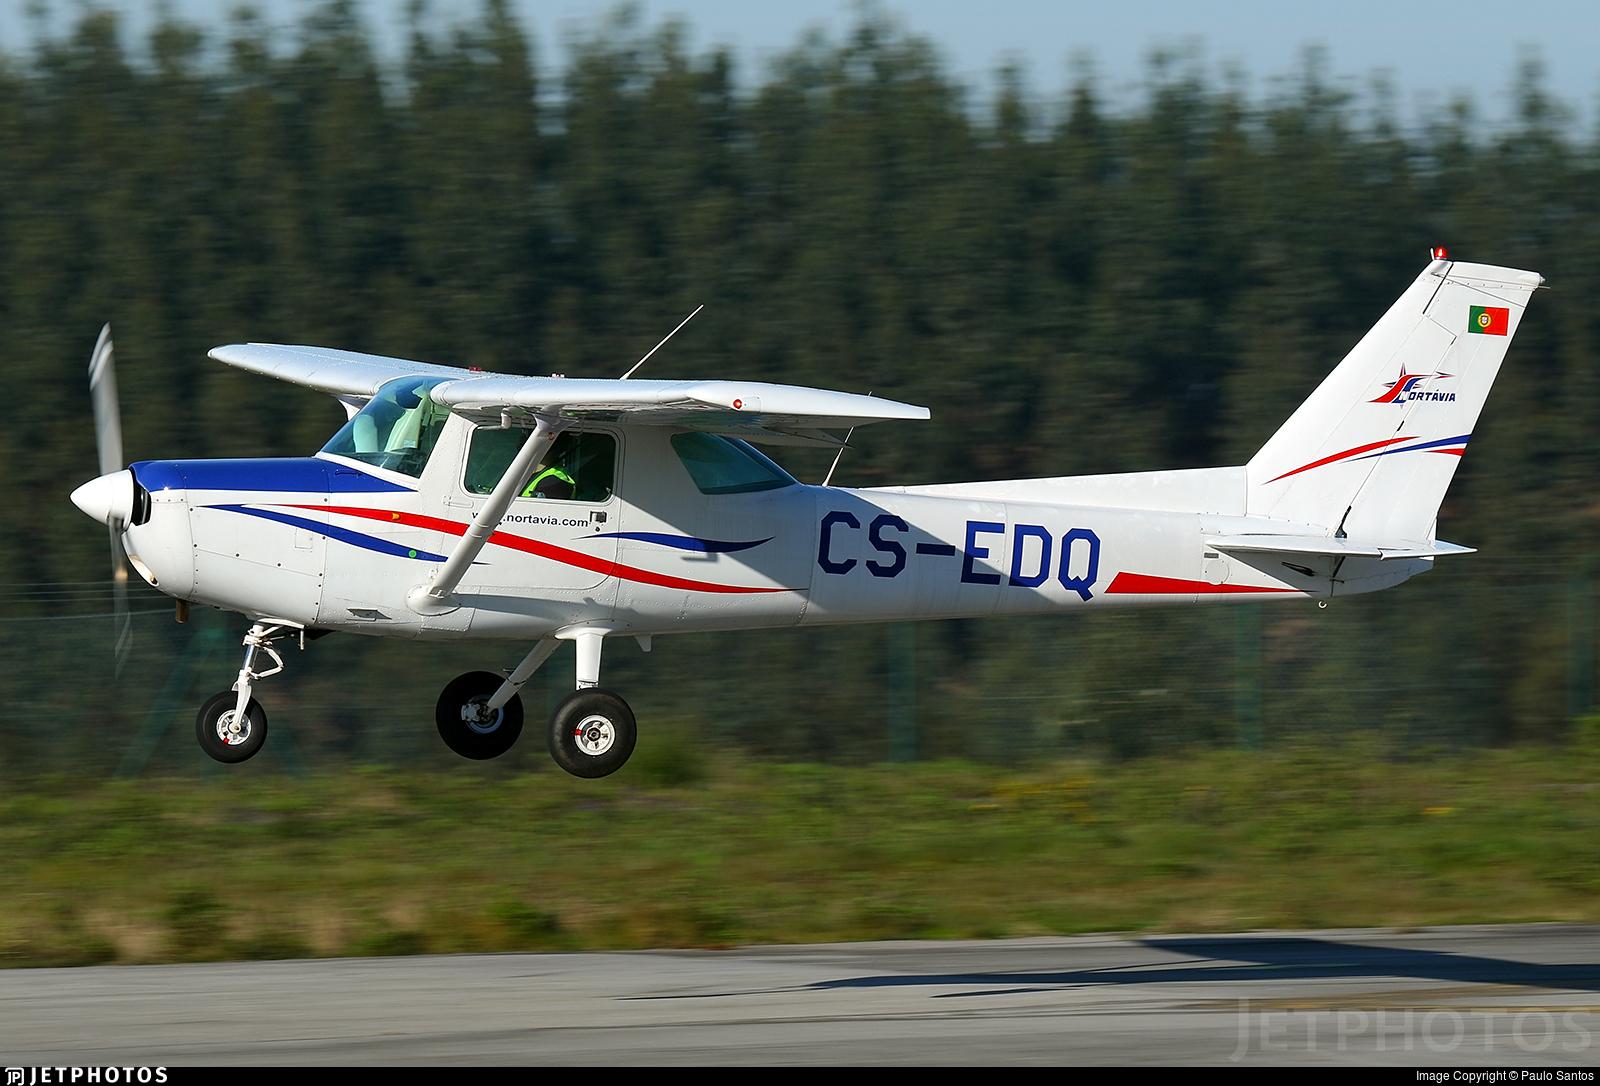 CS-EDQ - Cessna 152 - Nortávia